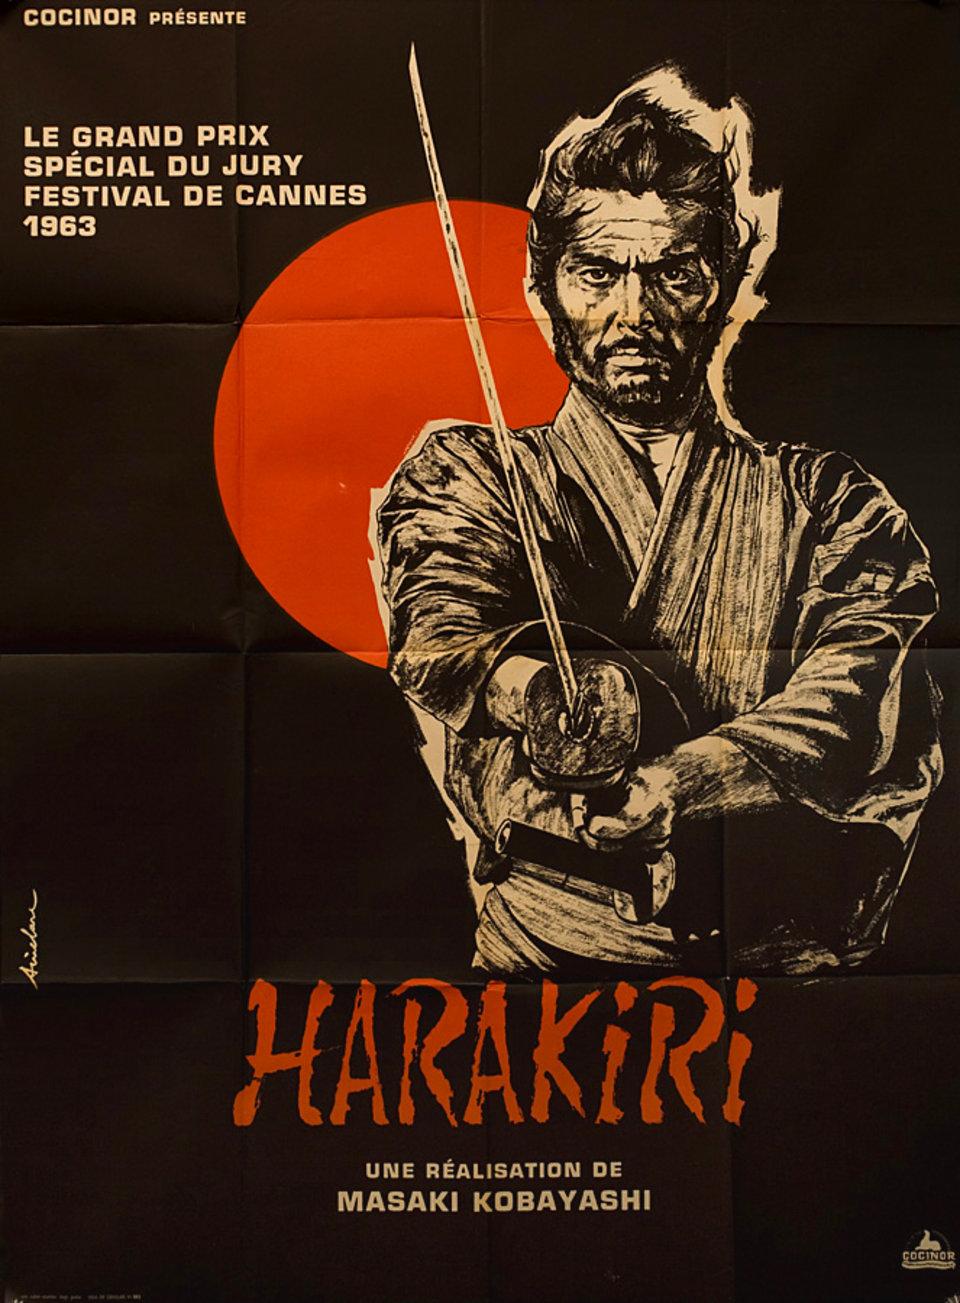 Harakiri 1962 film